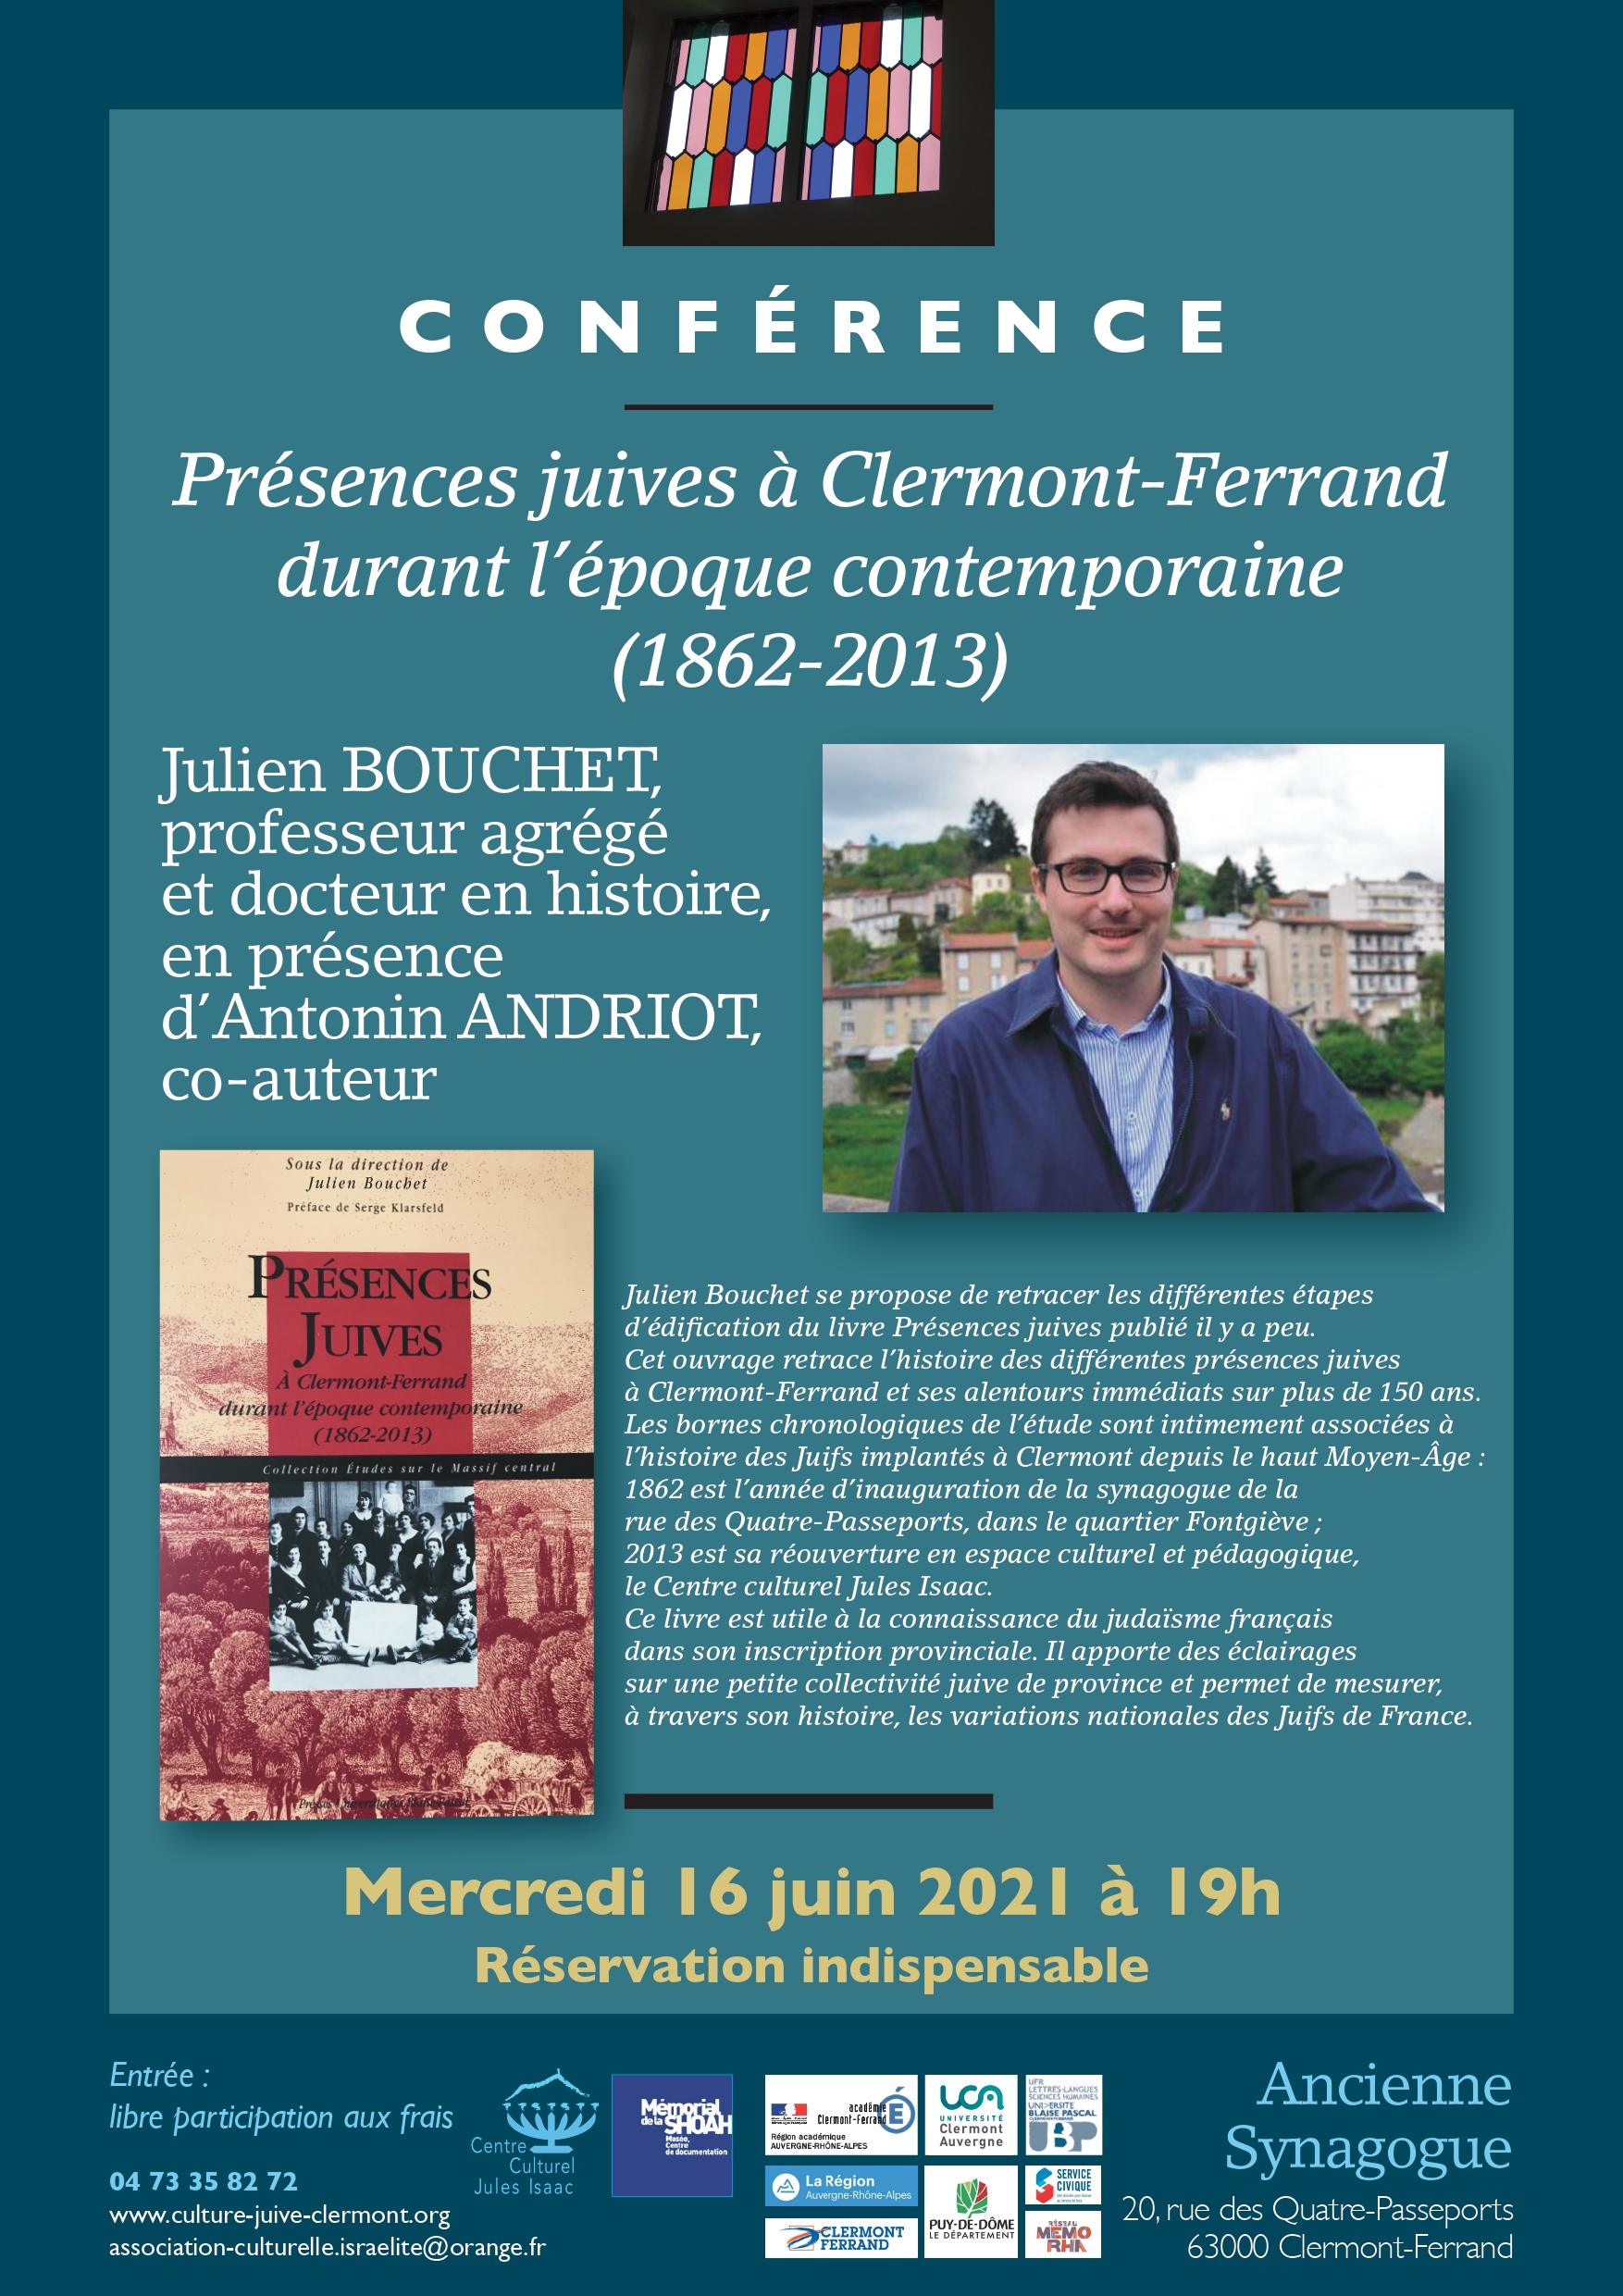 Présences juives à Clermont Ferrand durant l'époque contemporaine (1862-2013)